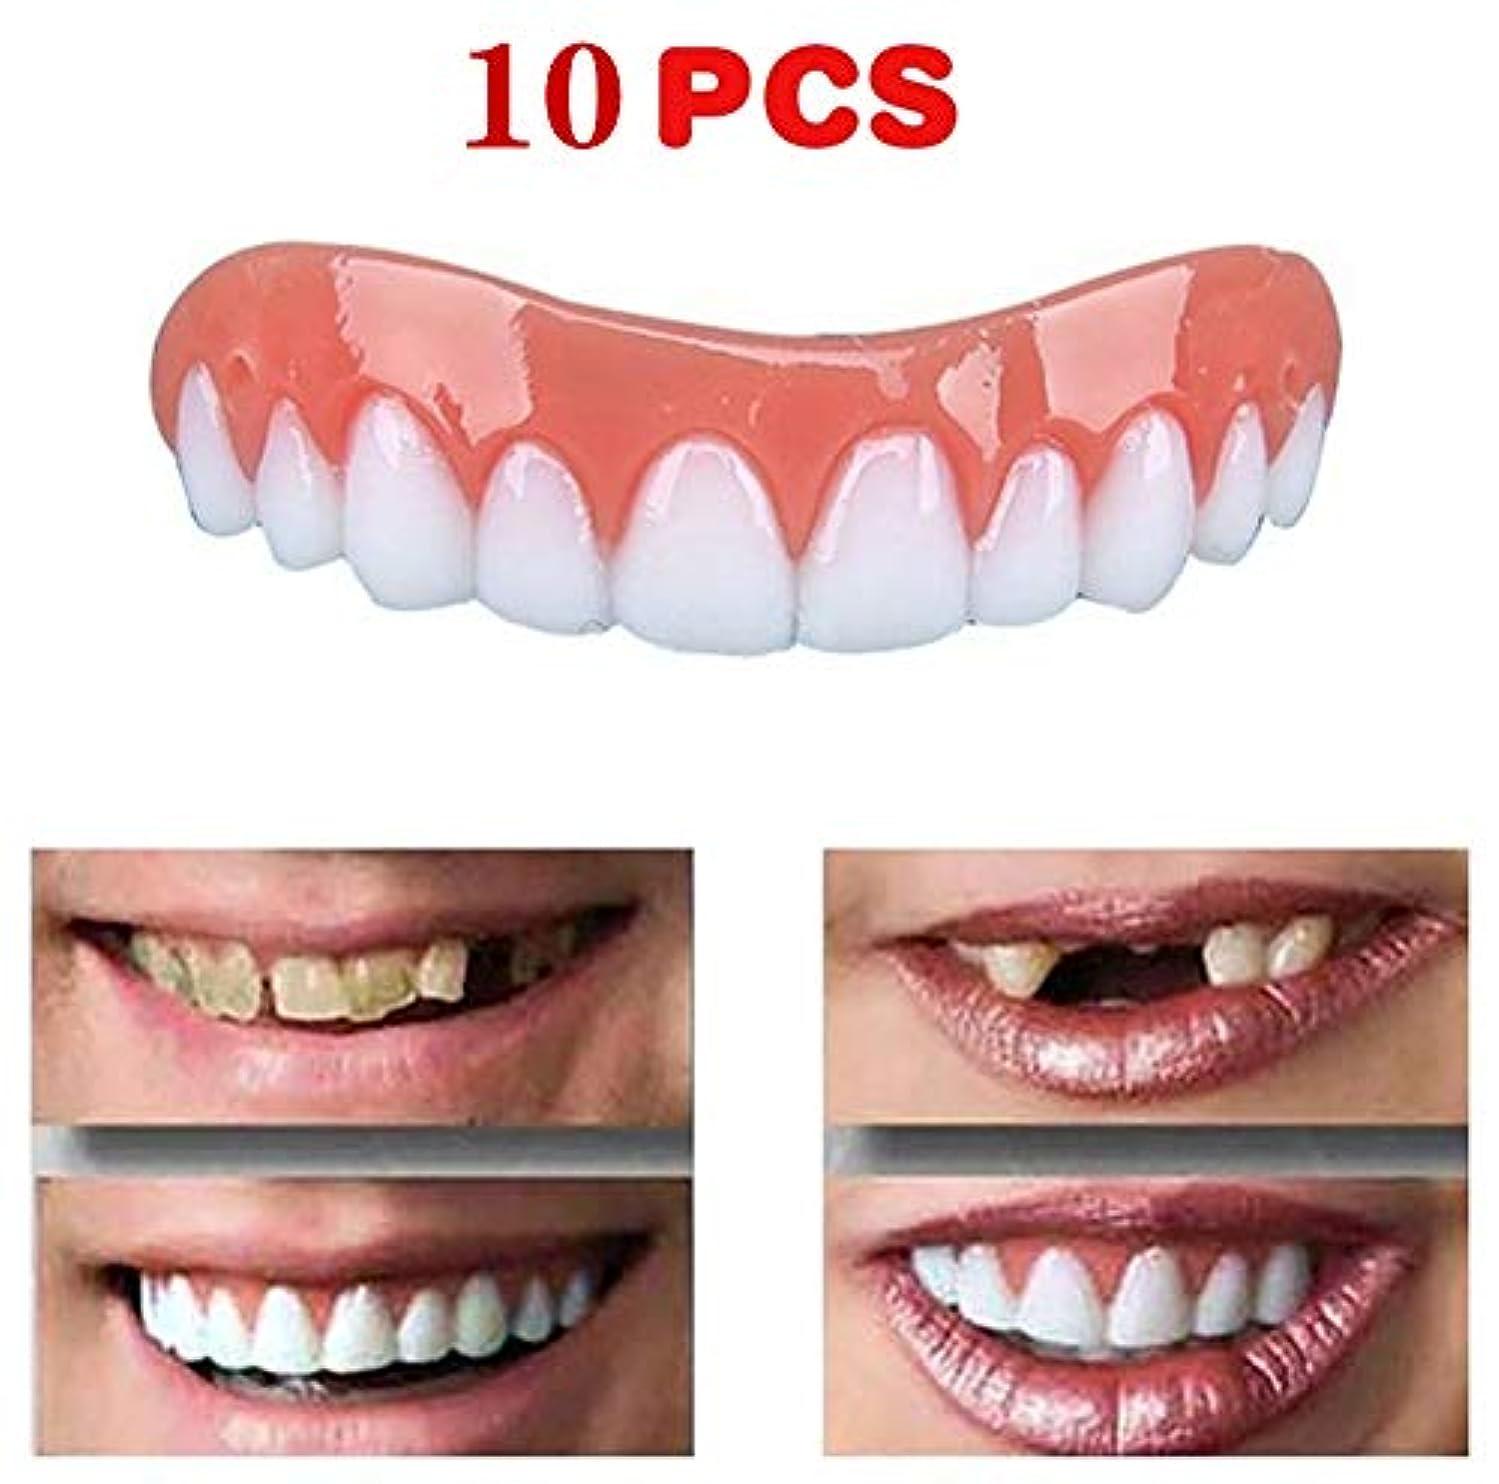 飼料鉛筆ダンプ新しい再利用可能な大人のスナップオンパーフェクトスマイルホワイトニング義歯フィットフレックス化粧品歯快適なベニアカバーデンタルケアアクセサリー